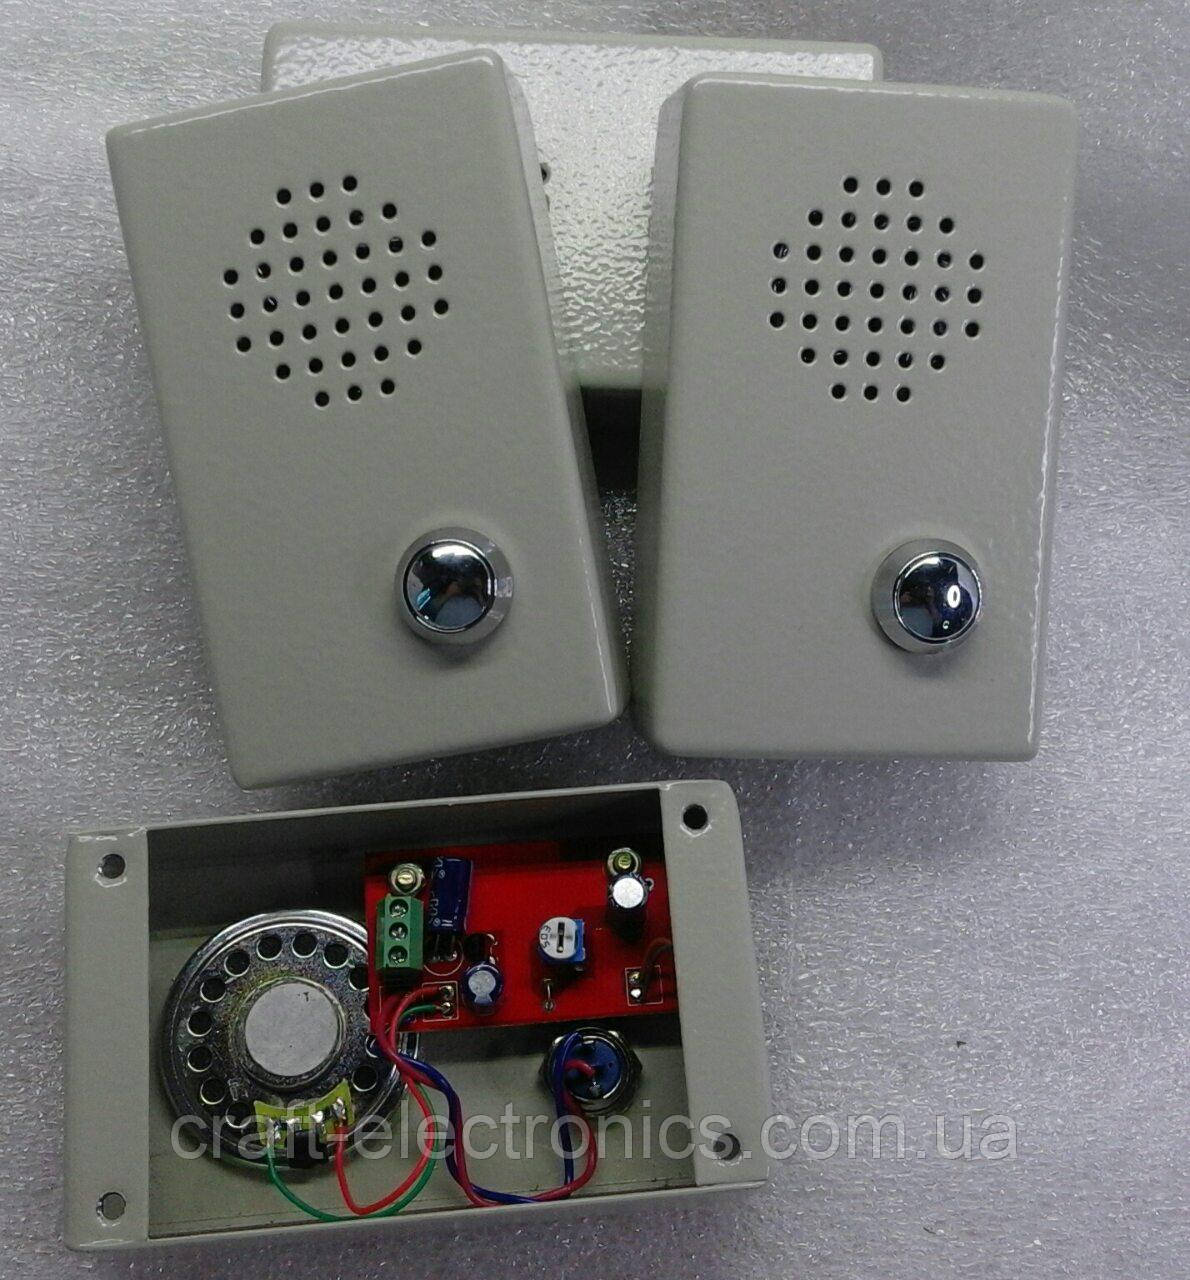 Вызывное устройство в корпусе для диспетчеризации лифтов на базе GSM